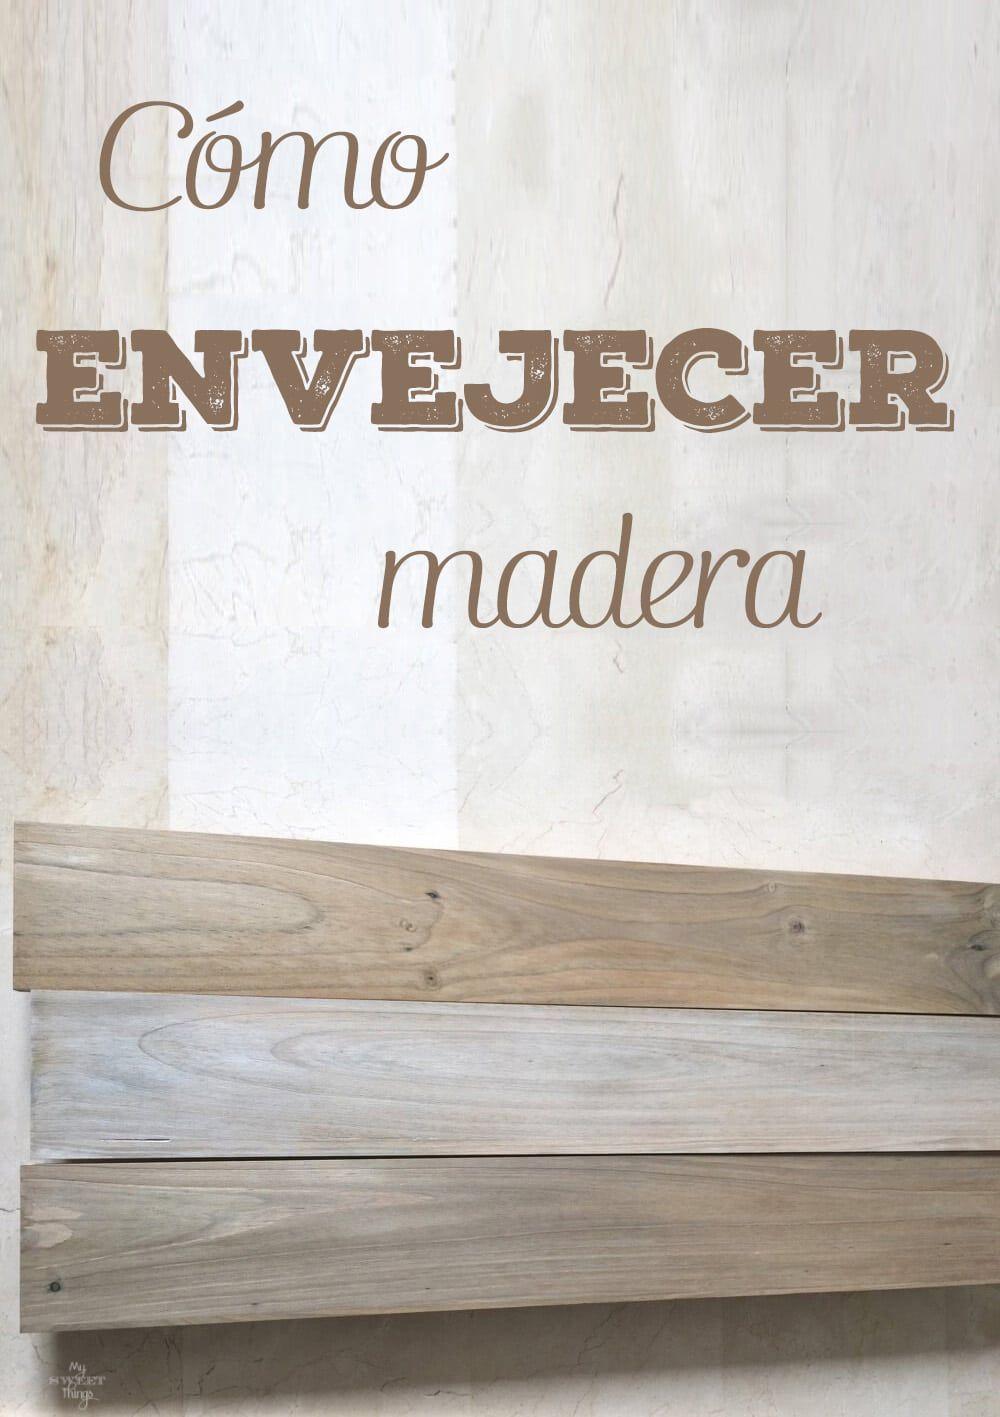 Cómo Hacer El Efecto De Madera Desgastada Madera Desgastada Embejecer Madera Muebles De Madera Envejecida